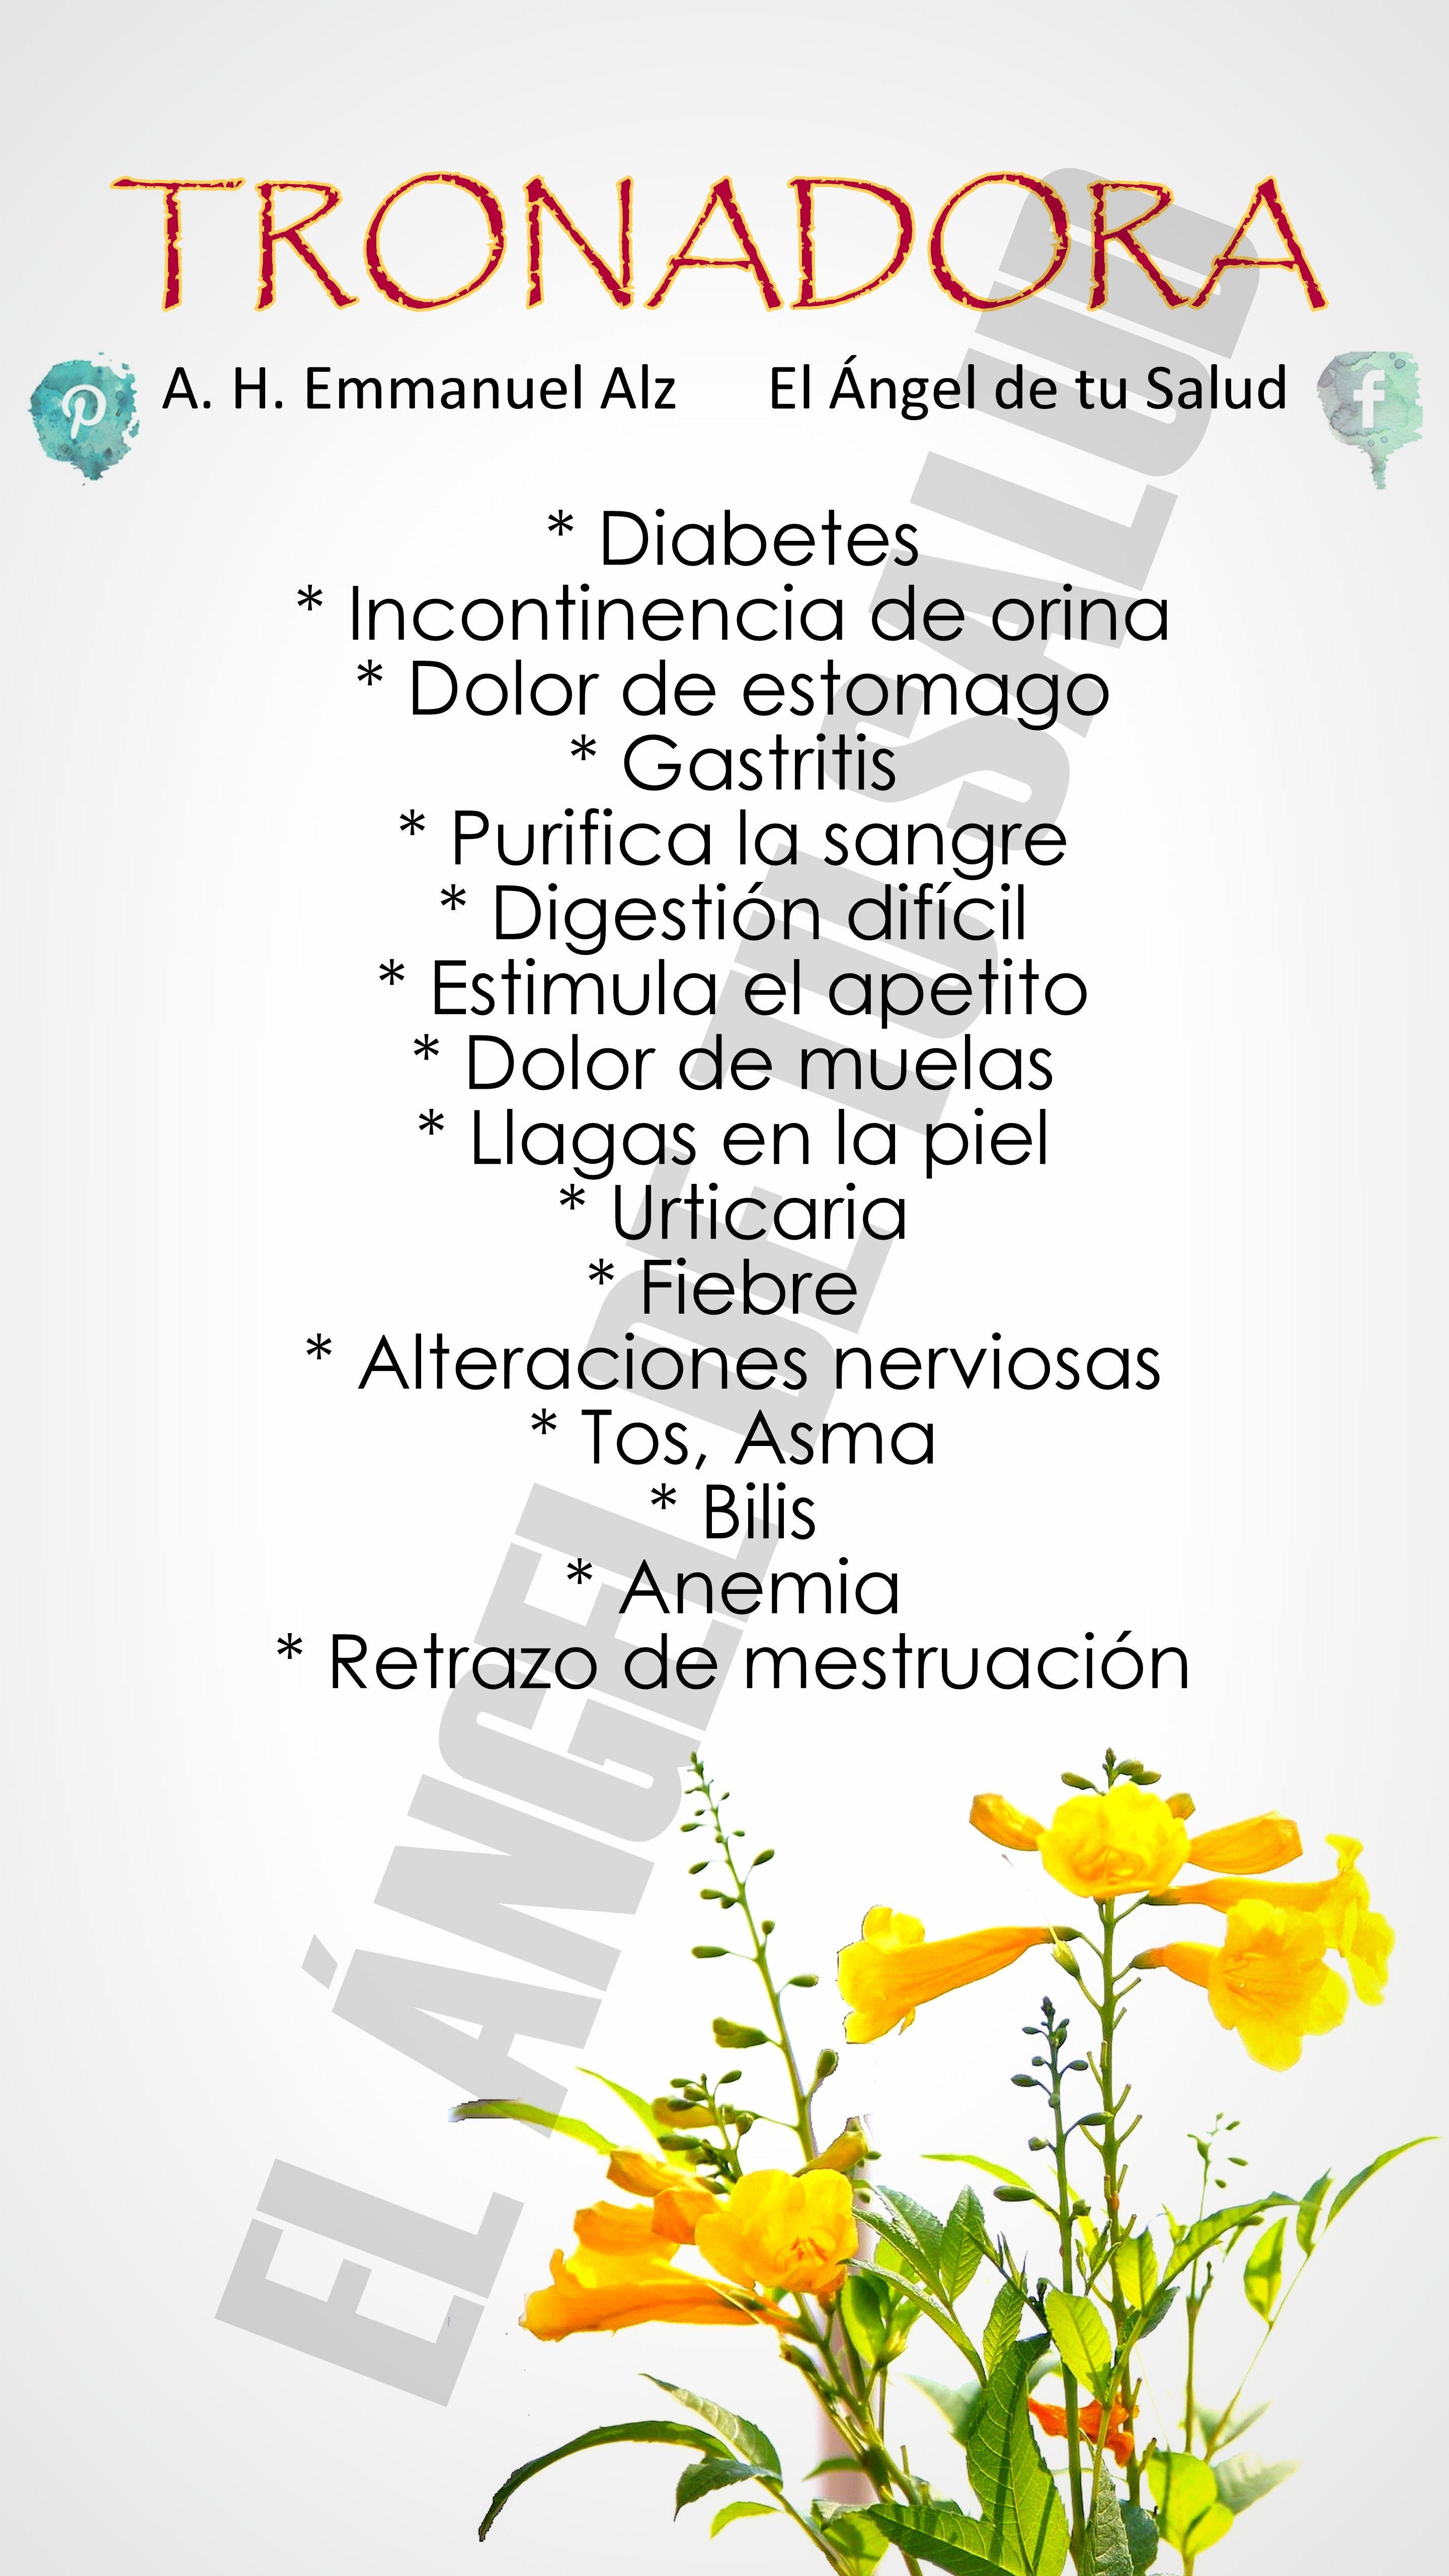 plantas medicinales contra la incontinencia urinaria